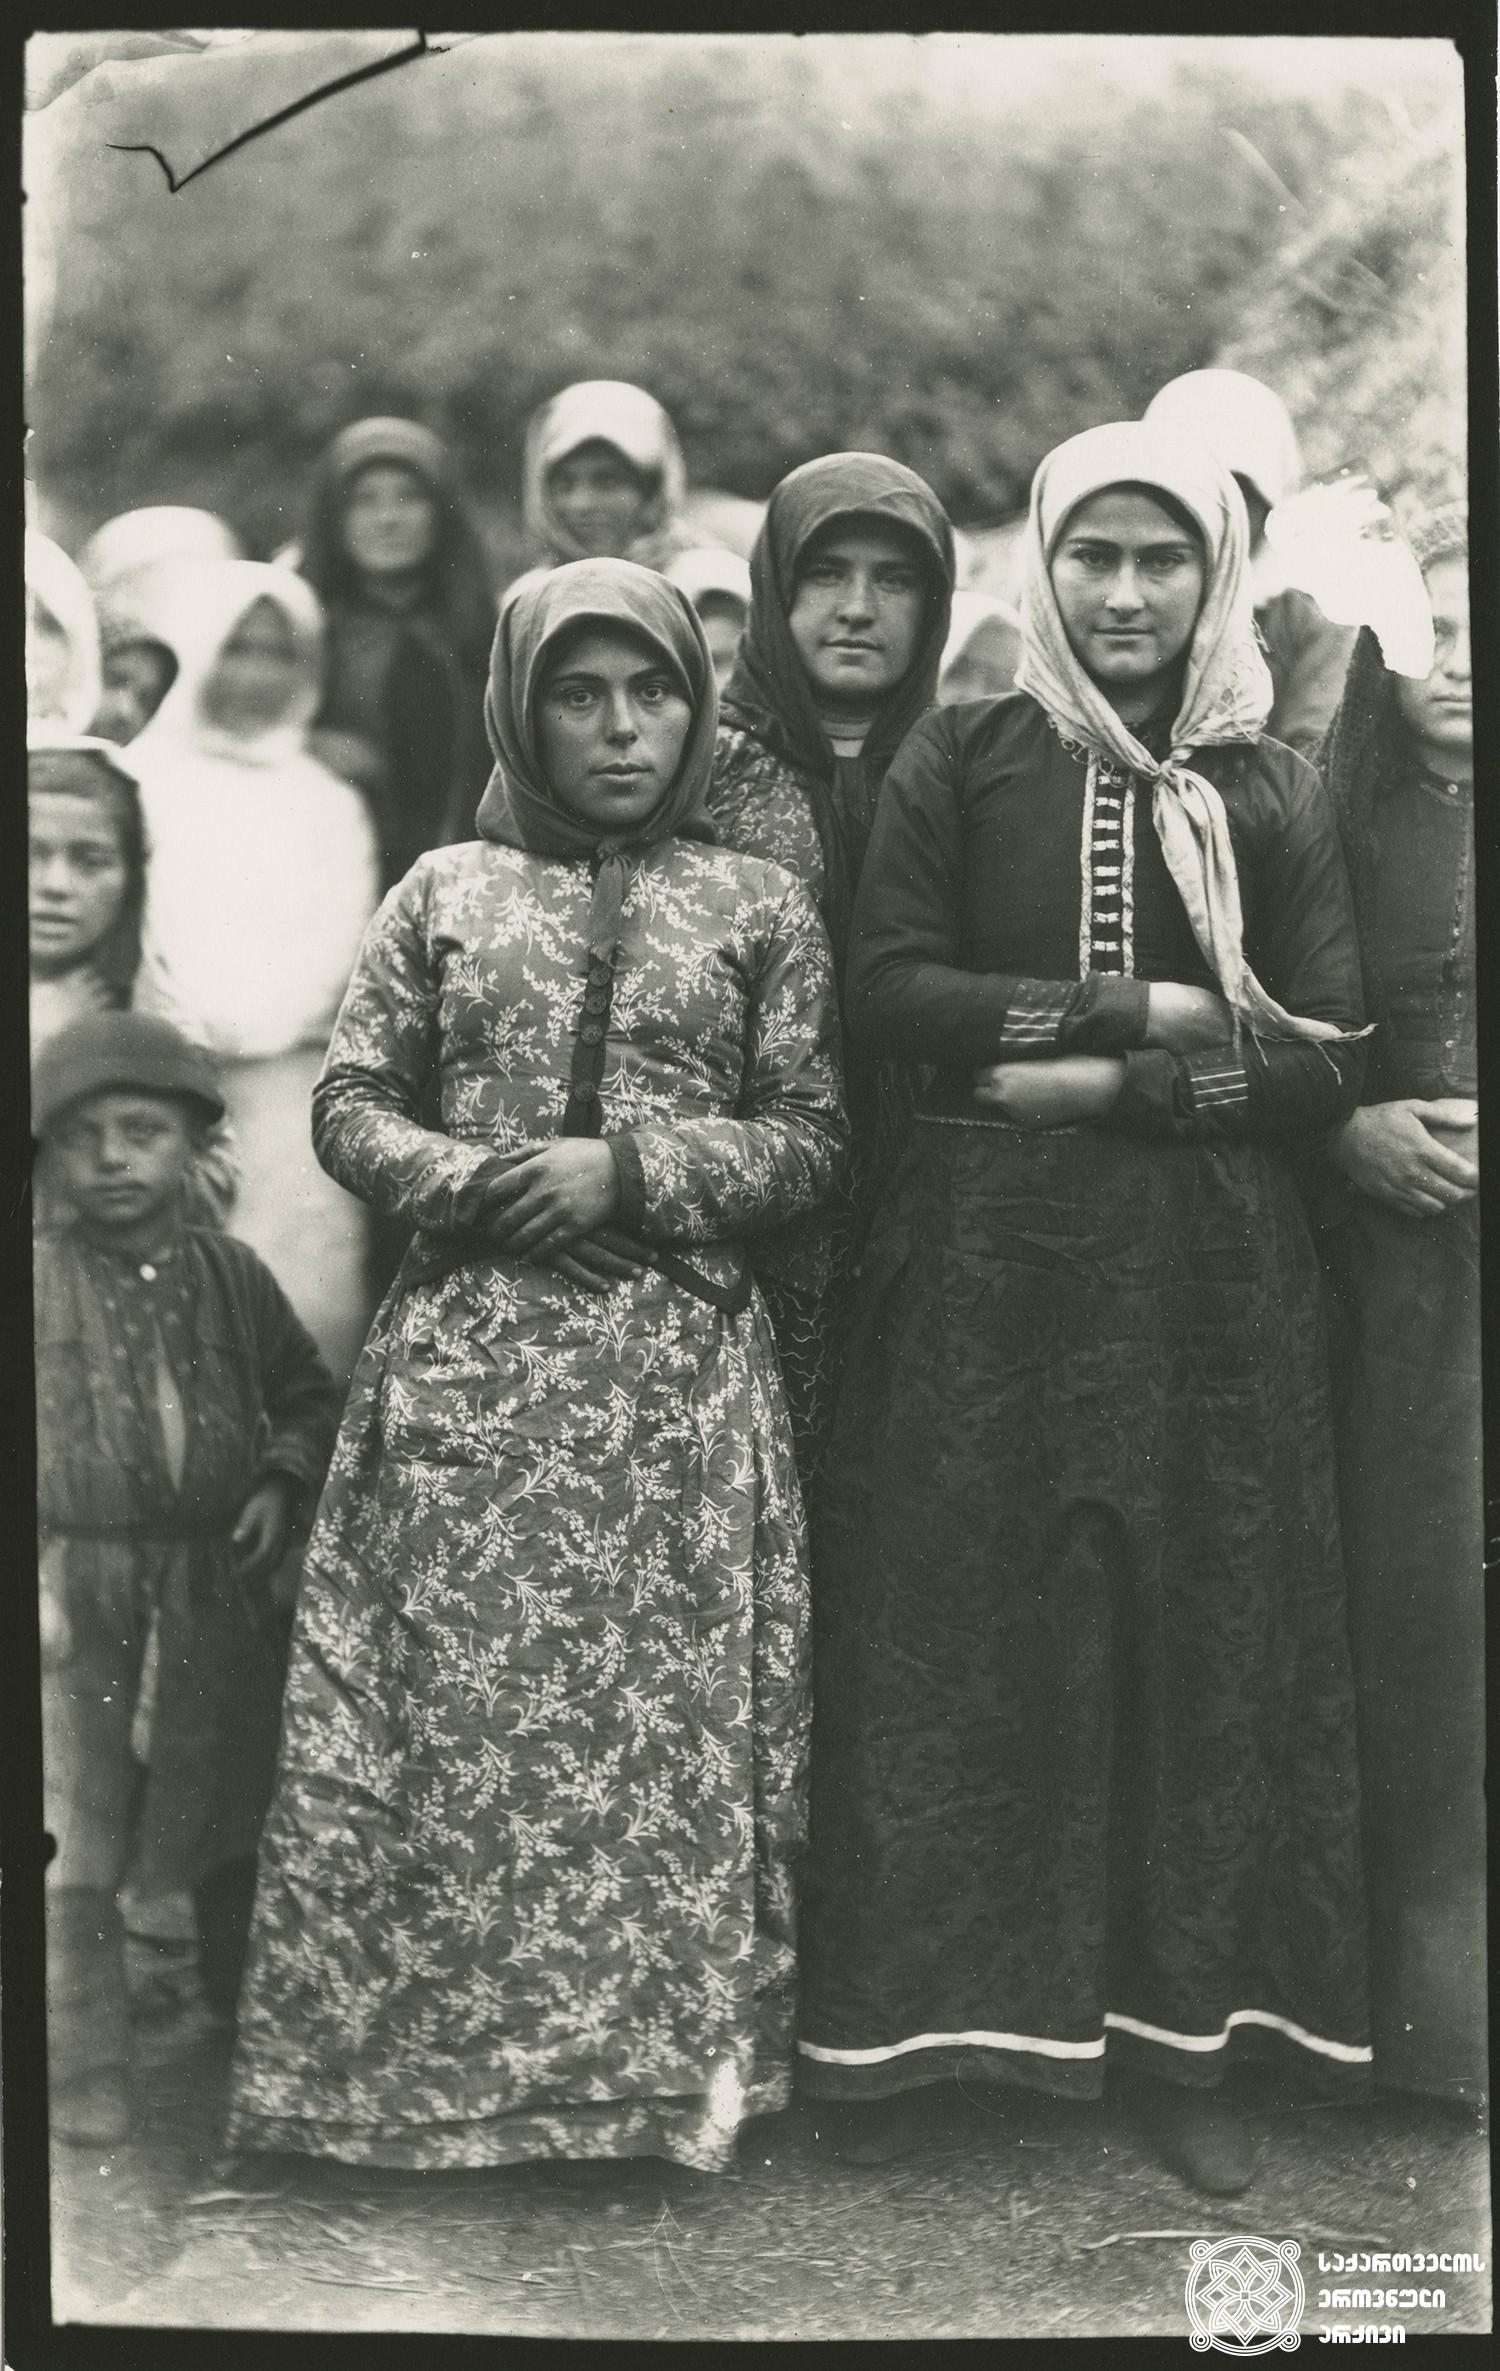 სოფელი მაზერი, ახალგაზრდა გოგონები. <br> Village Mazeri, young girls. <br> 1890.